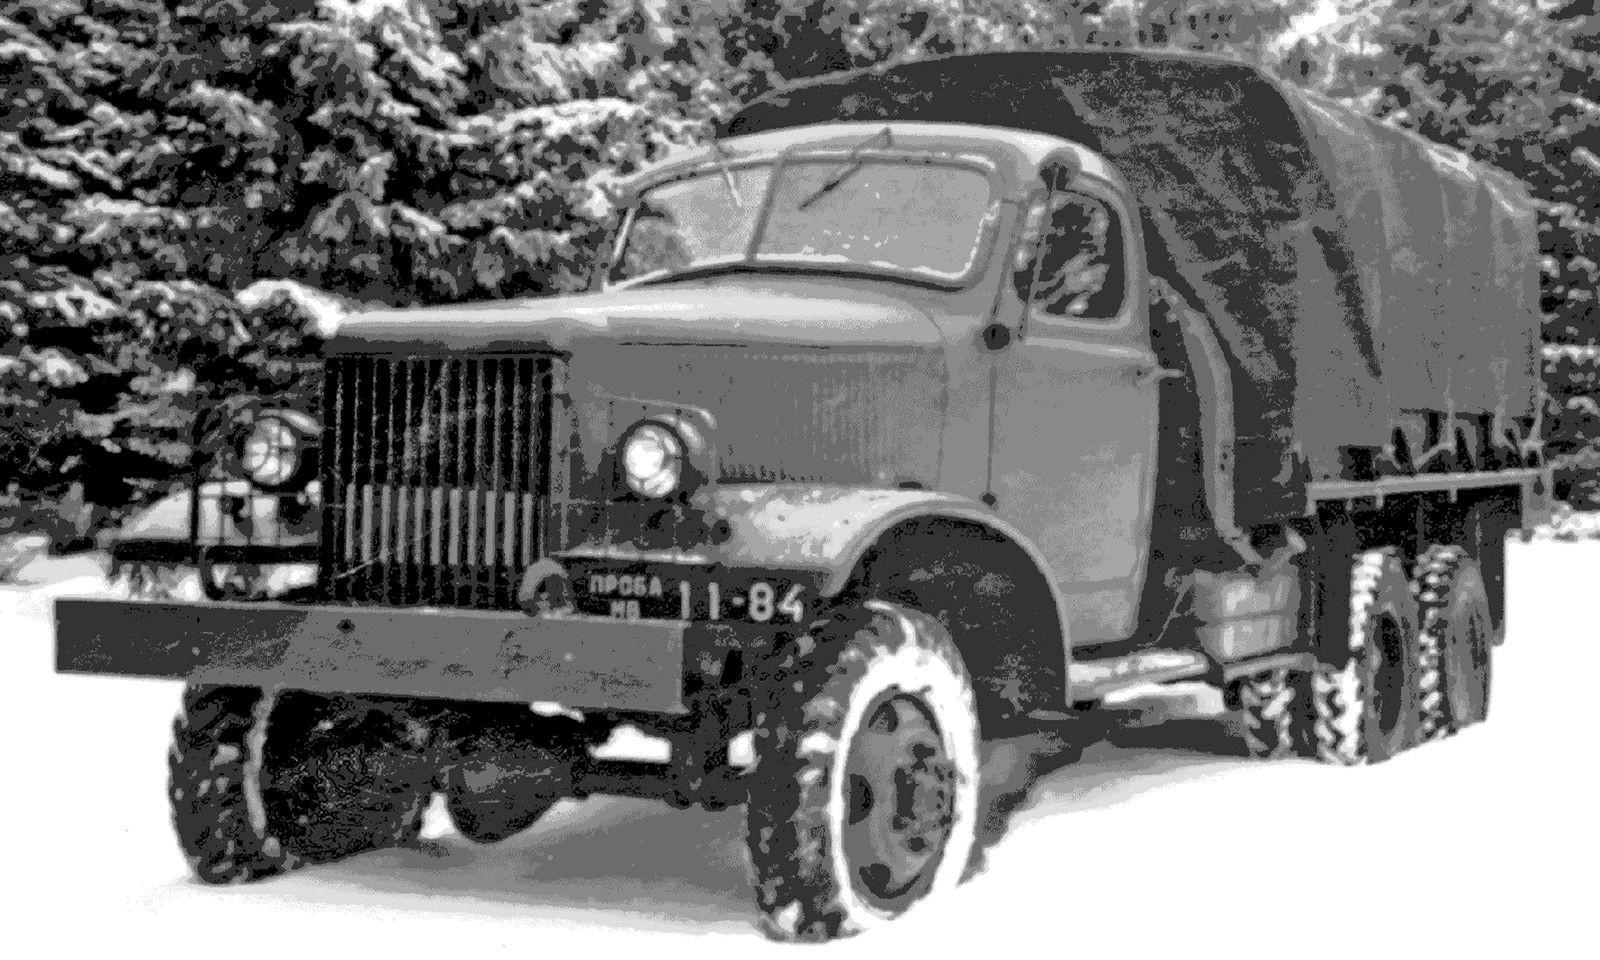 ГАЗ-68, ЗиС-121, Урал-381, НАМИ-020 и другие: малоизвестные послевоенные грузовики, не пошедшие в серию